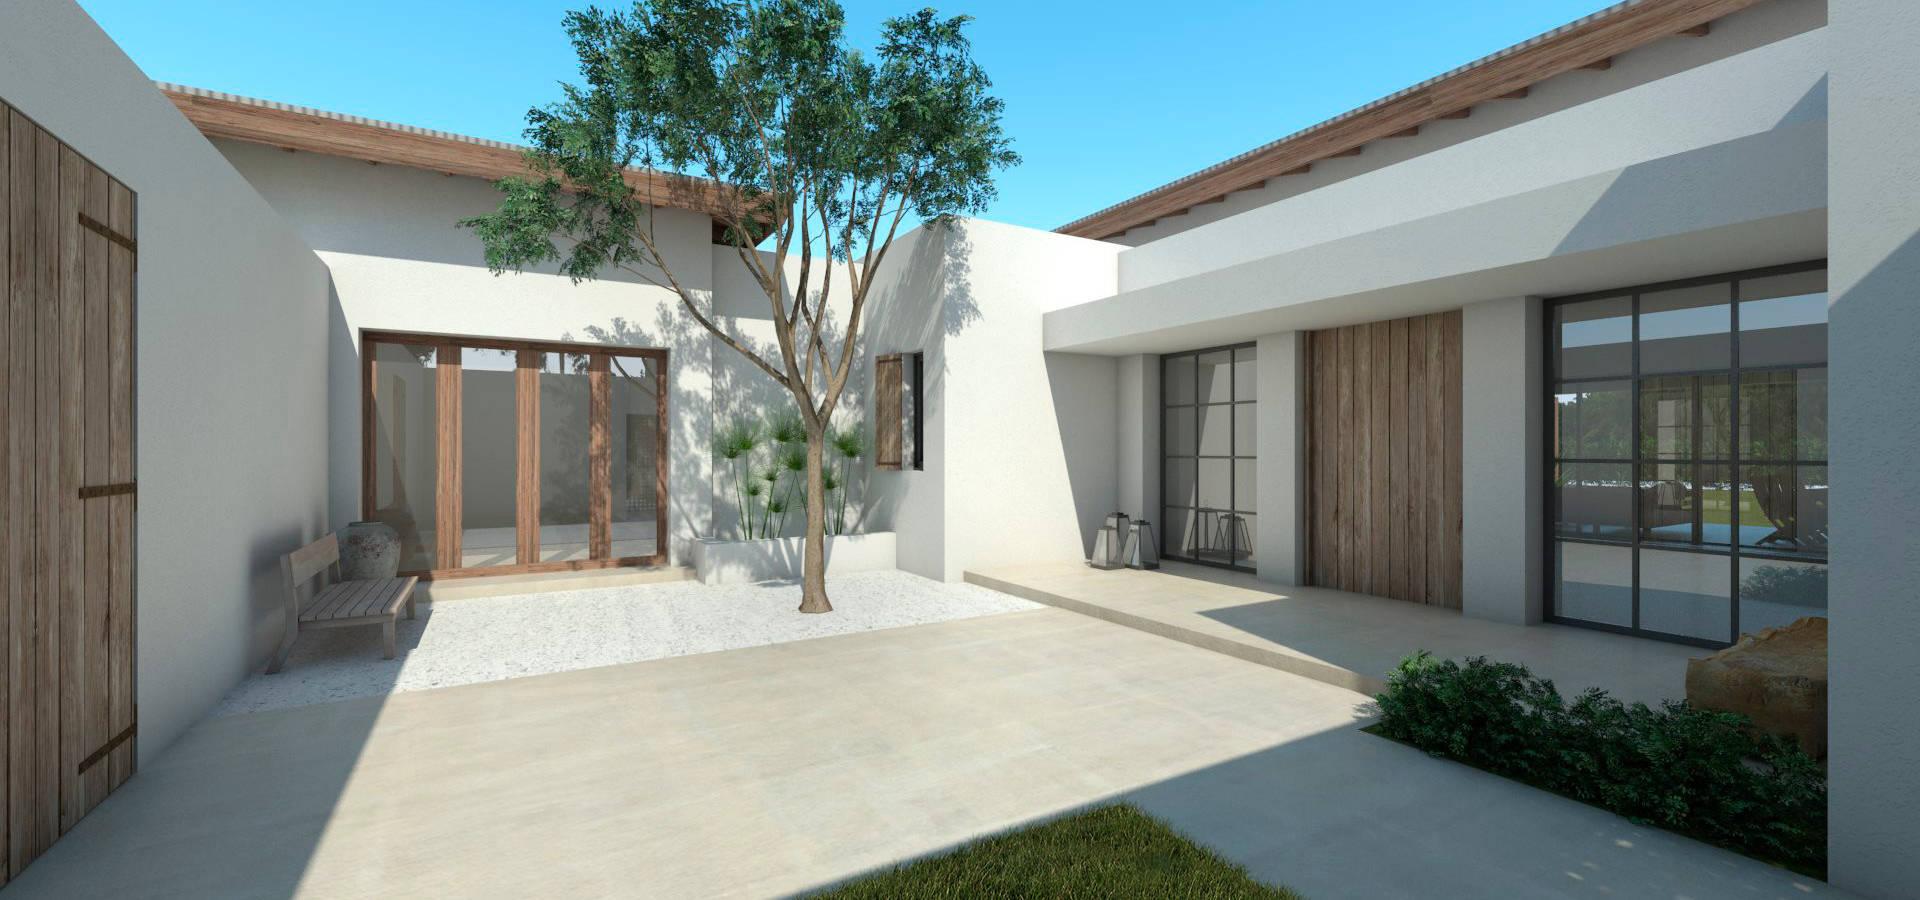 SB arquitectura